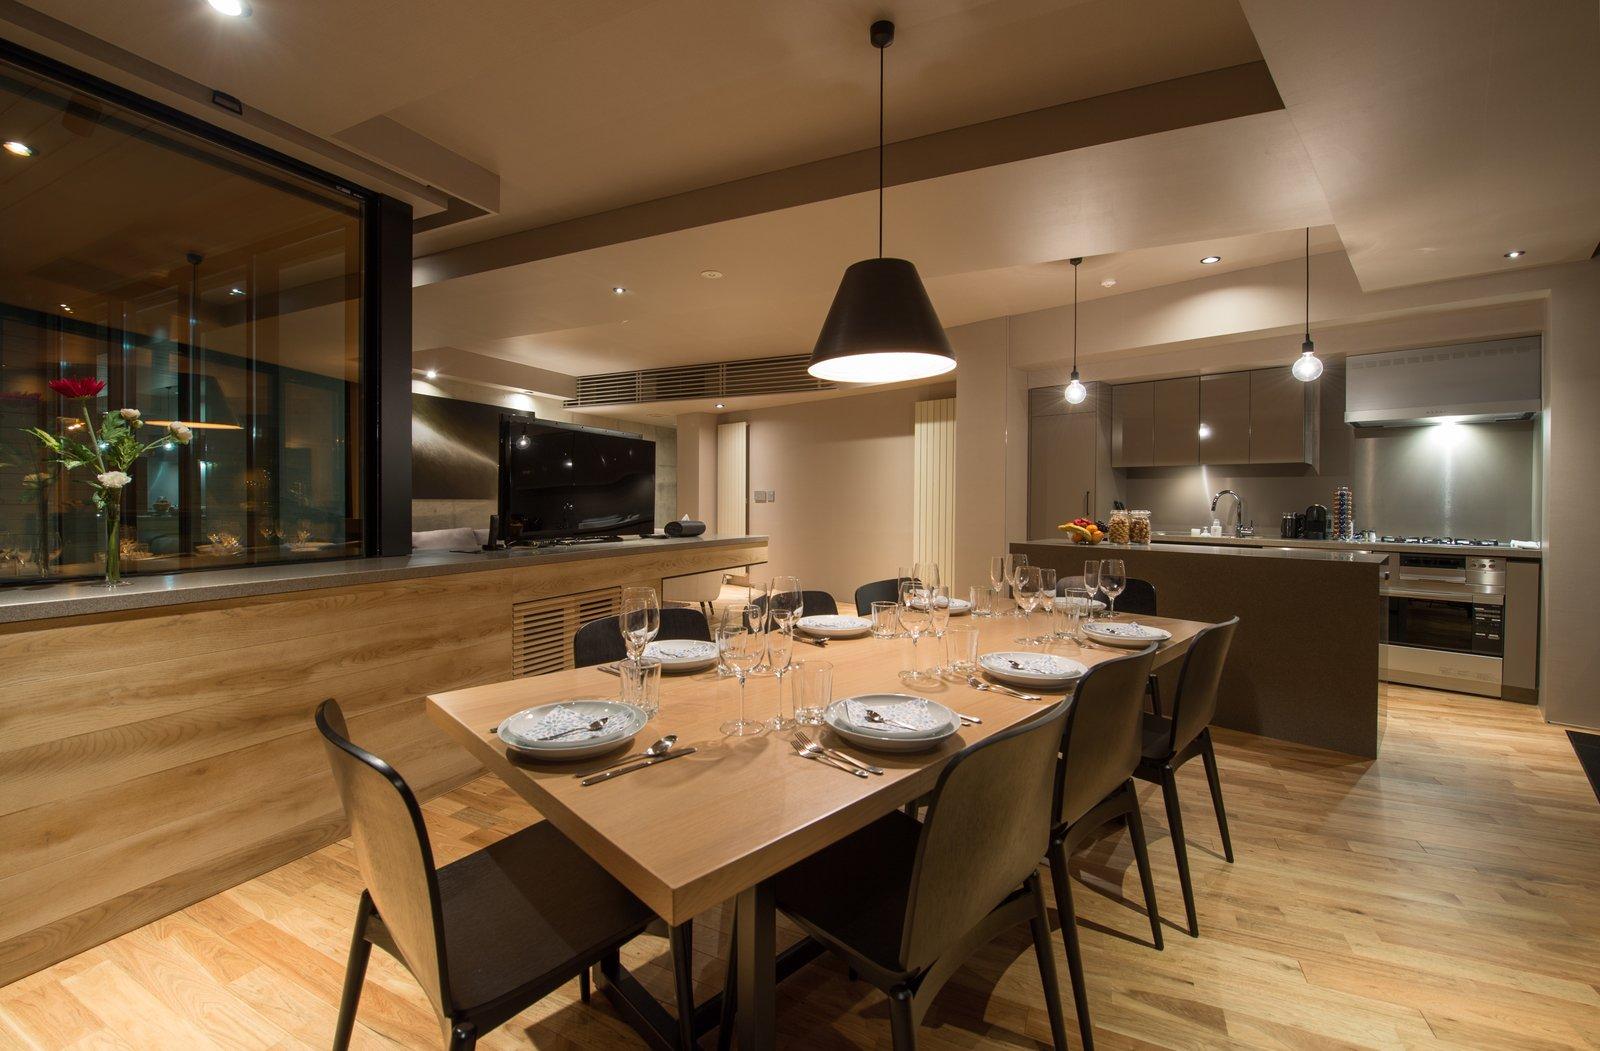 Aspect 3bdr premium suite ground floor large